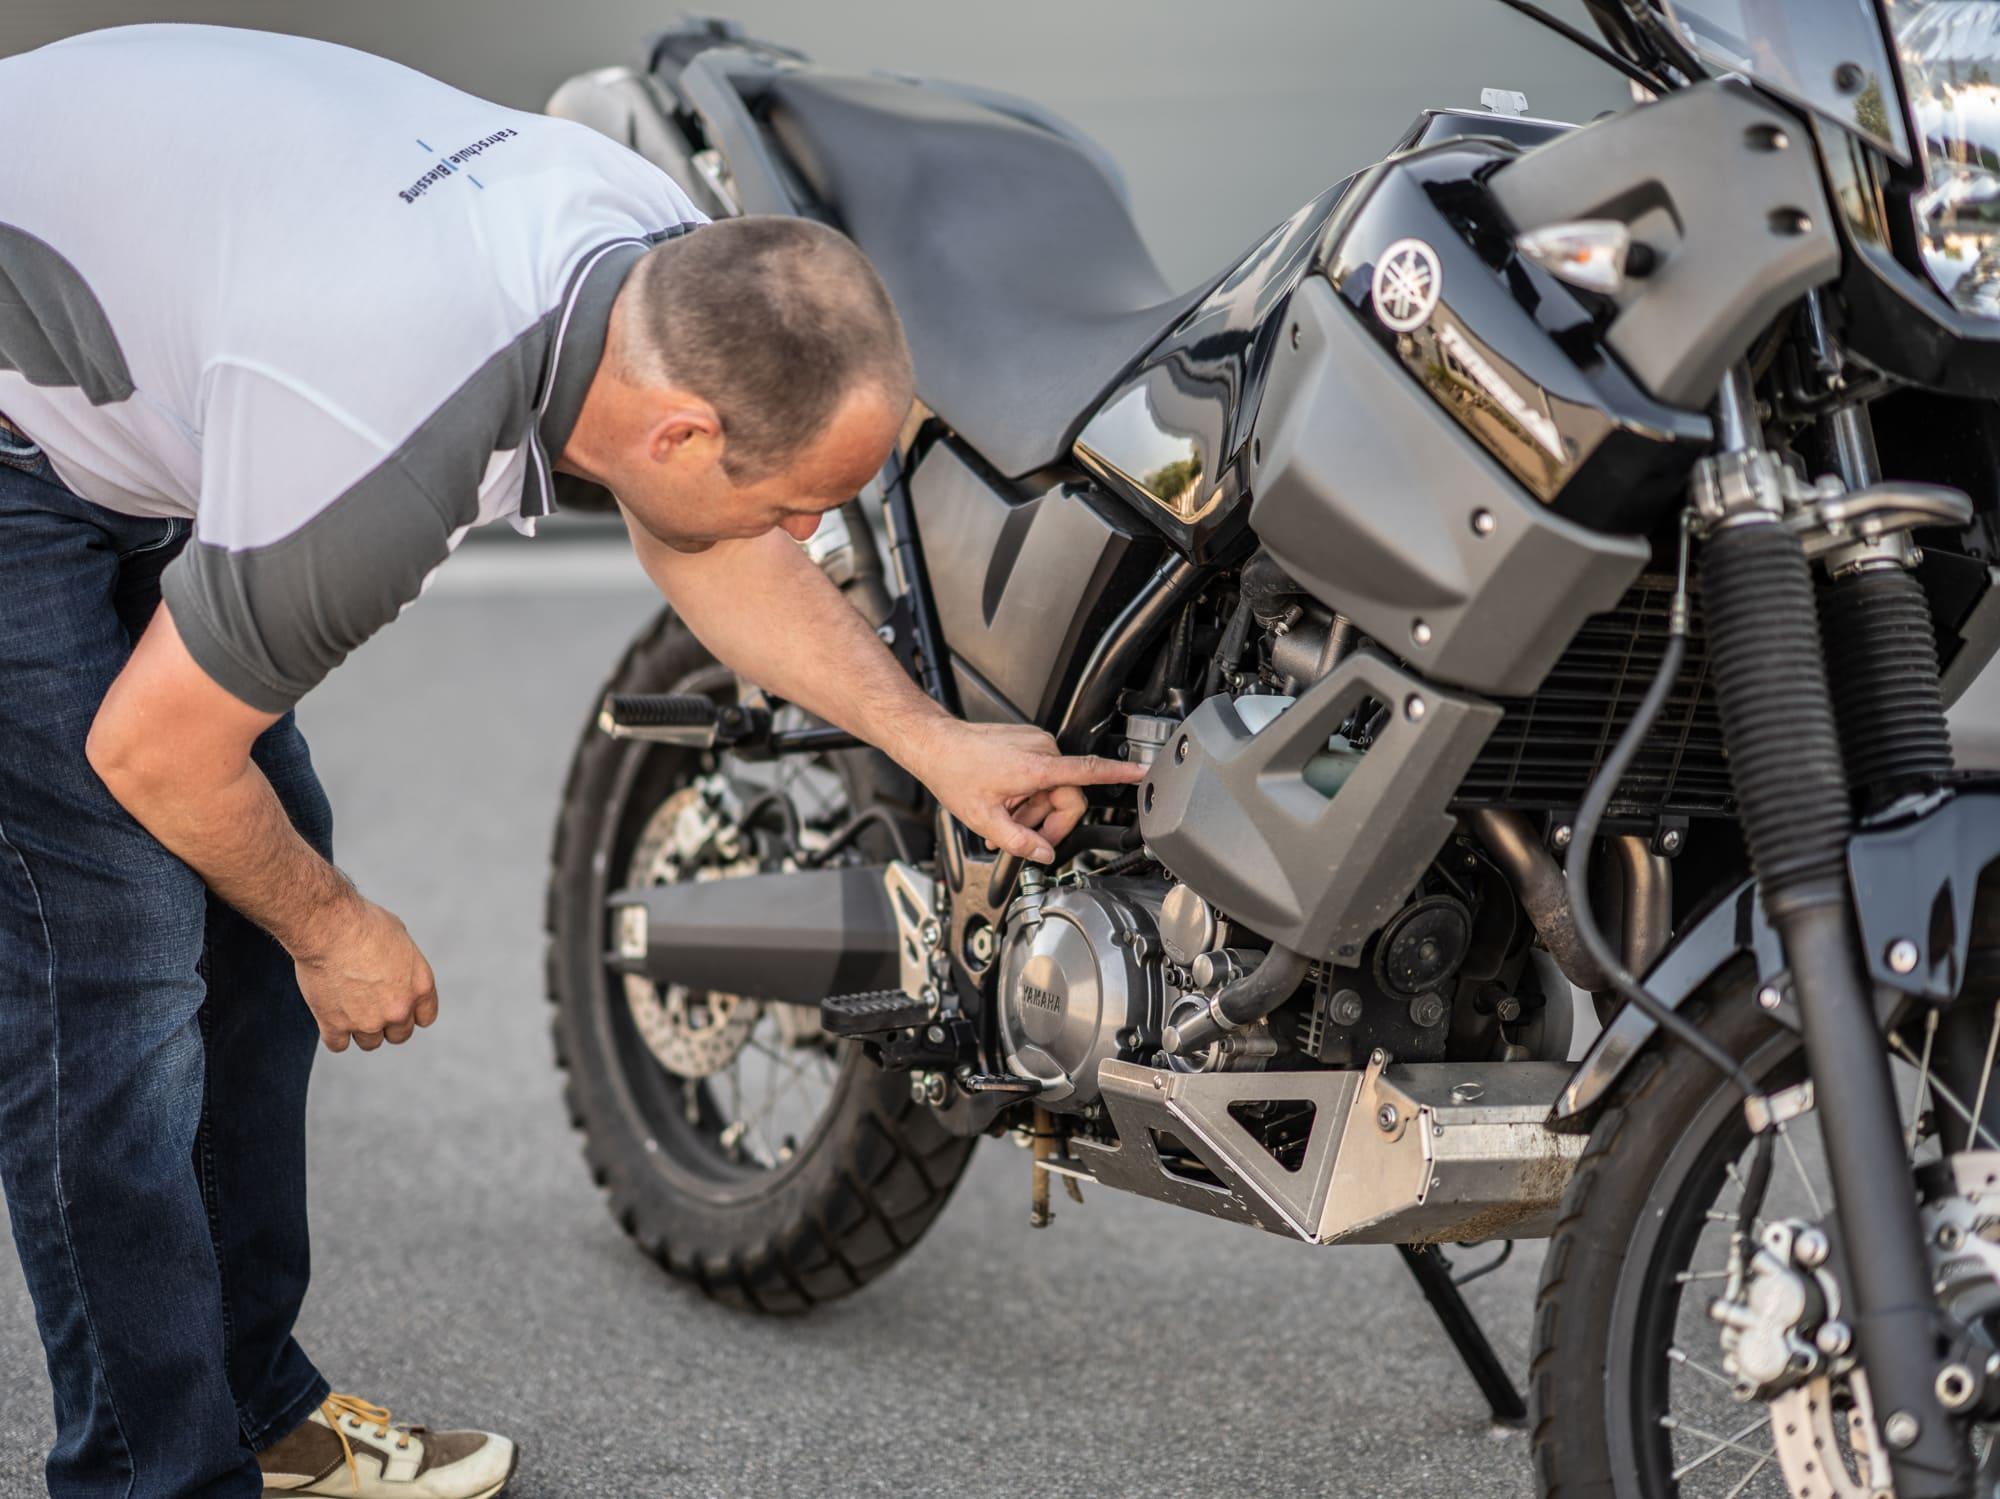 Erklärung Motorradbestandteile